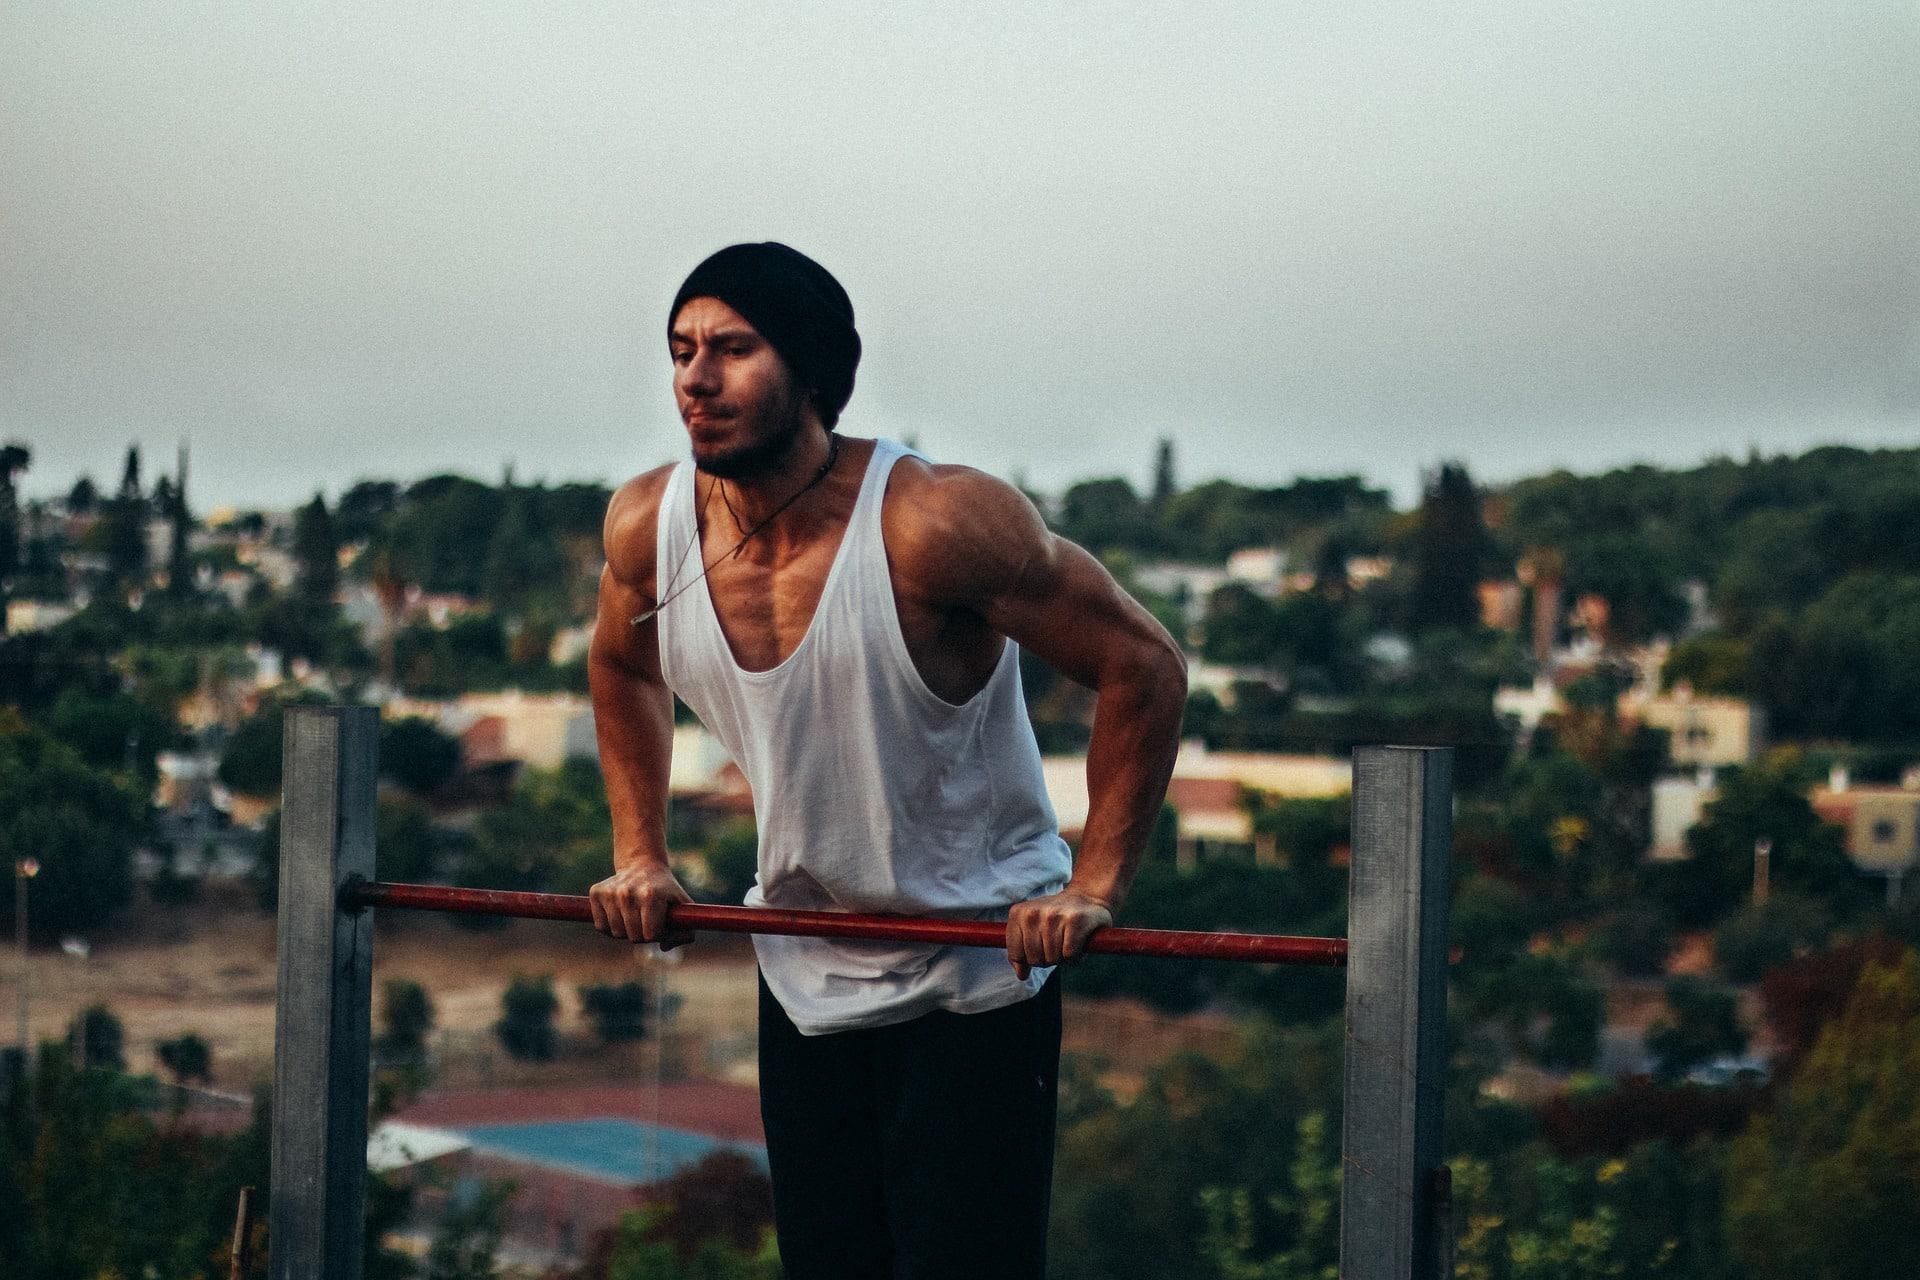 Muskeln relativ schnell aufbauen in 4 Wochen